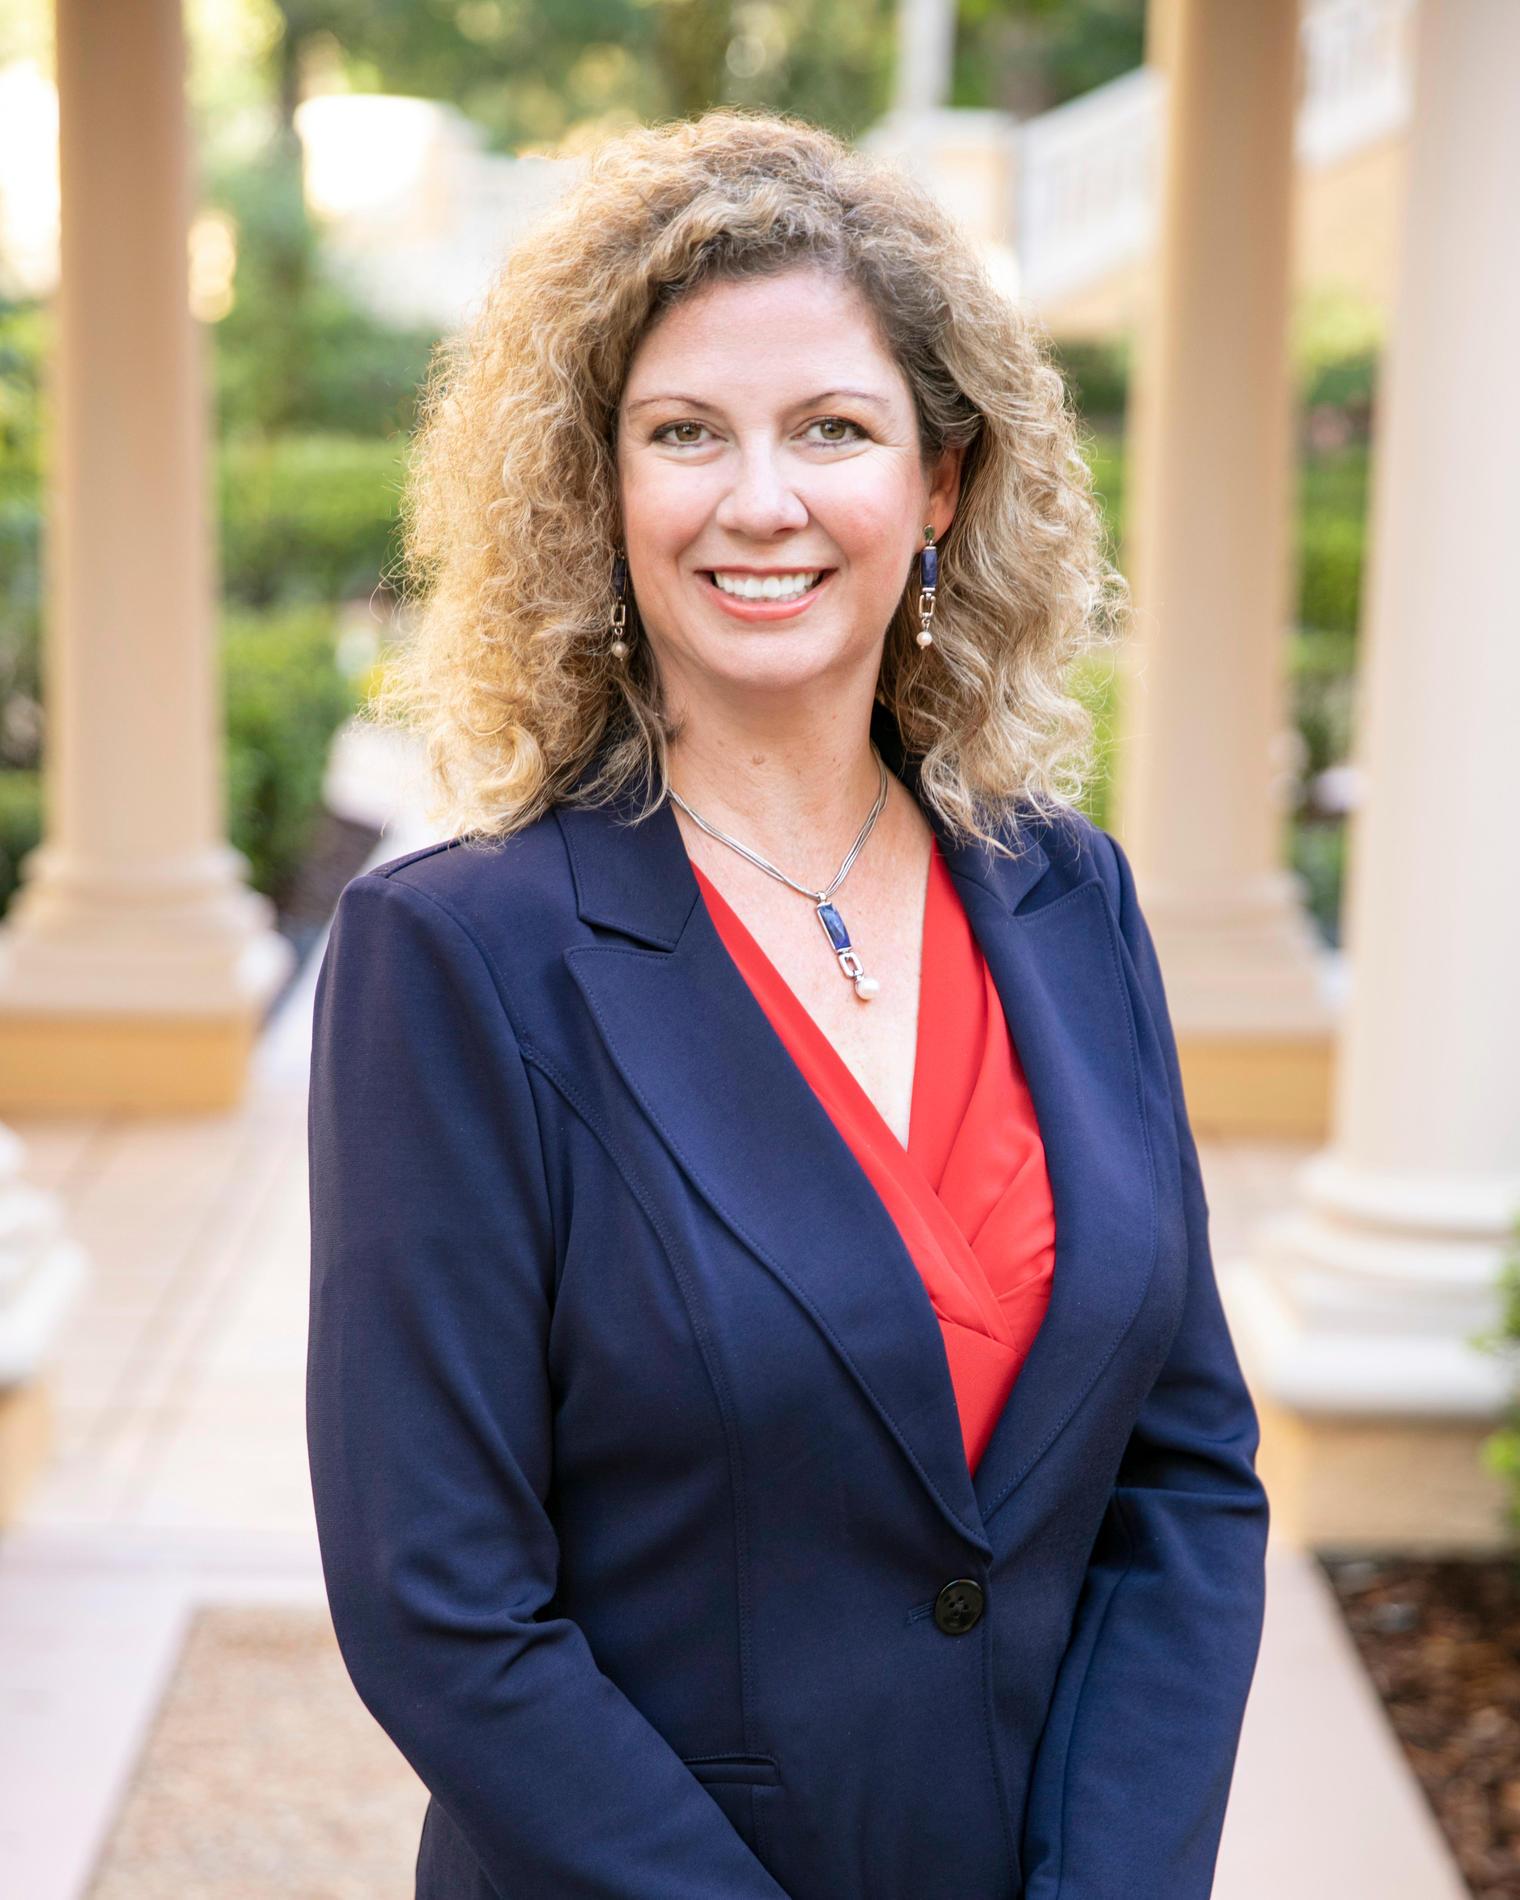 Shelley Ford | Denver, CO | Morgan Stanley Wealth Management